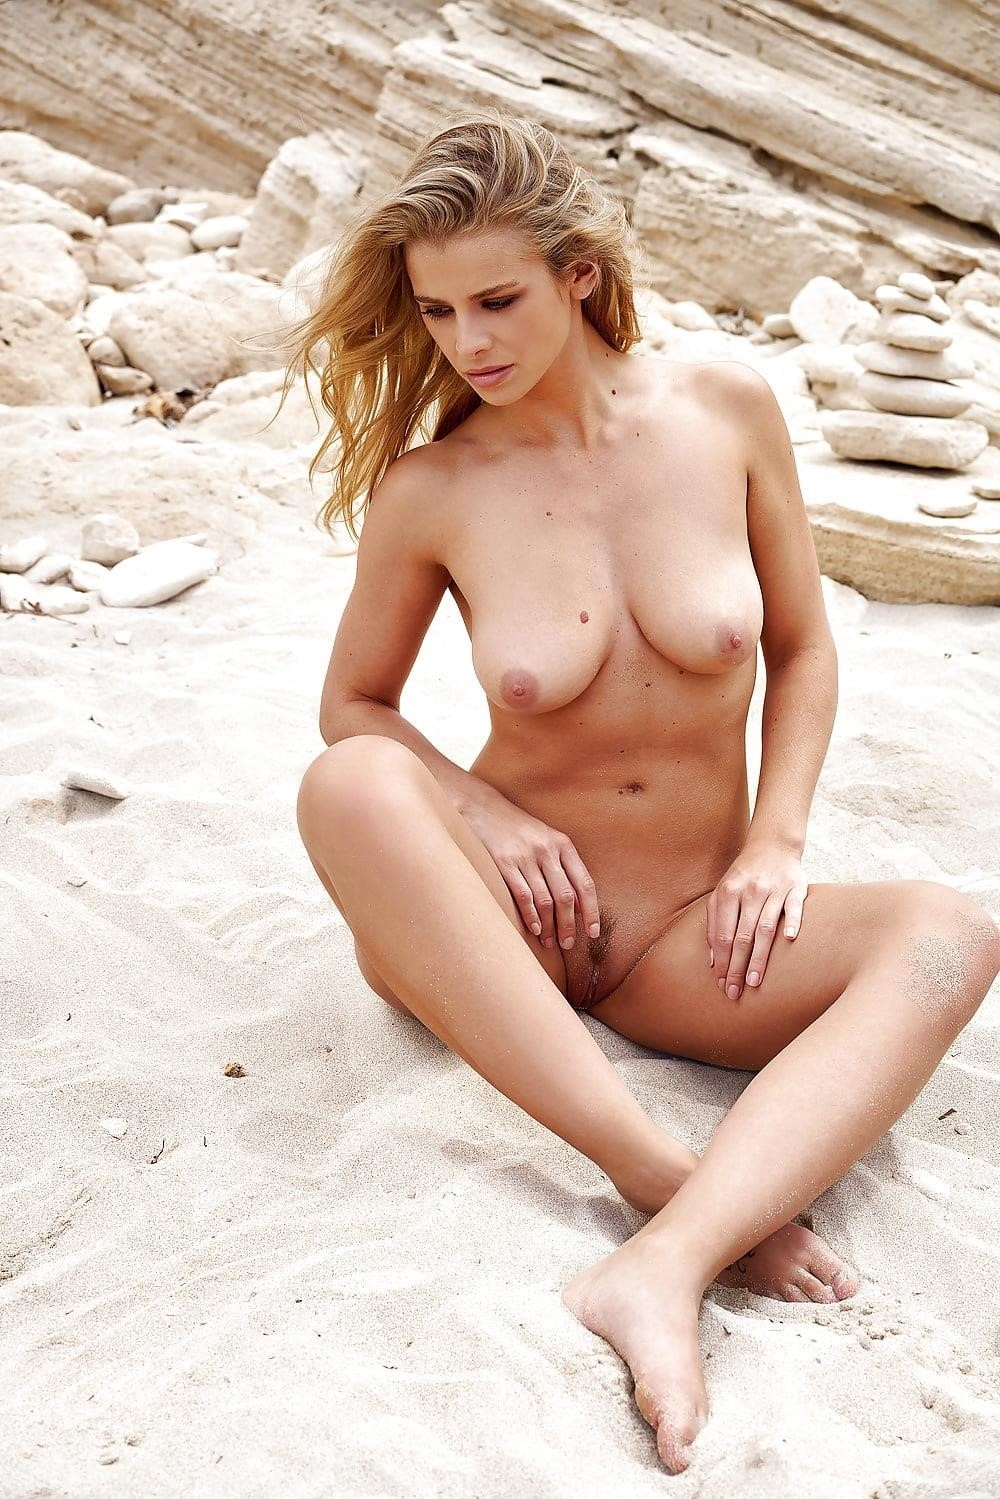 Big tits playboy pics-9885